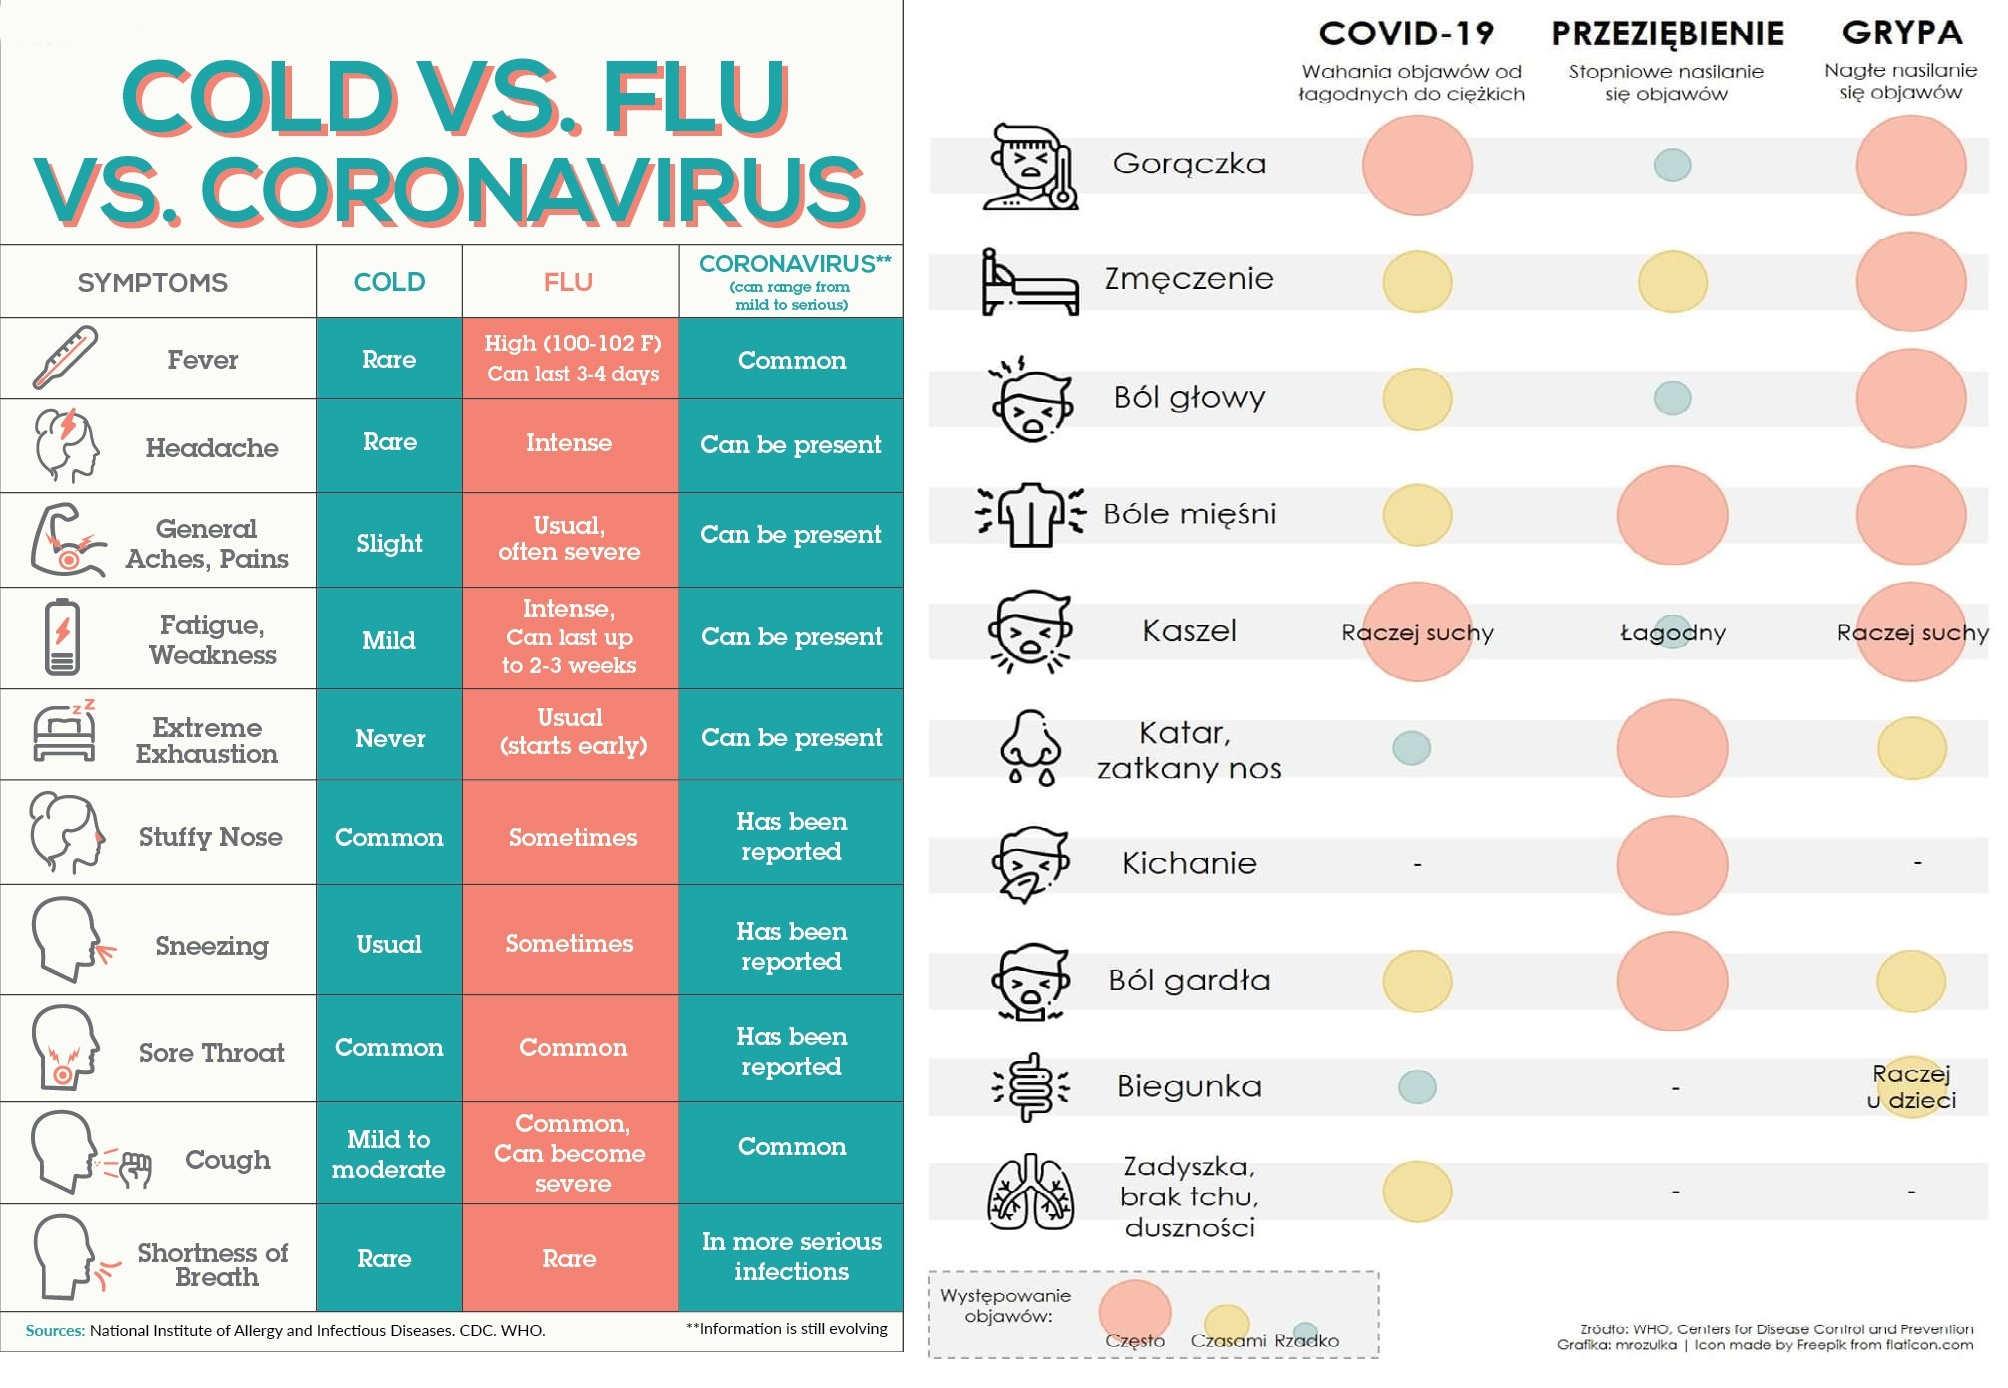 Charakterystyka objawów dla wybranych chorób. Dane WHO i CDC.